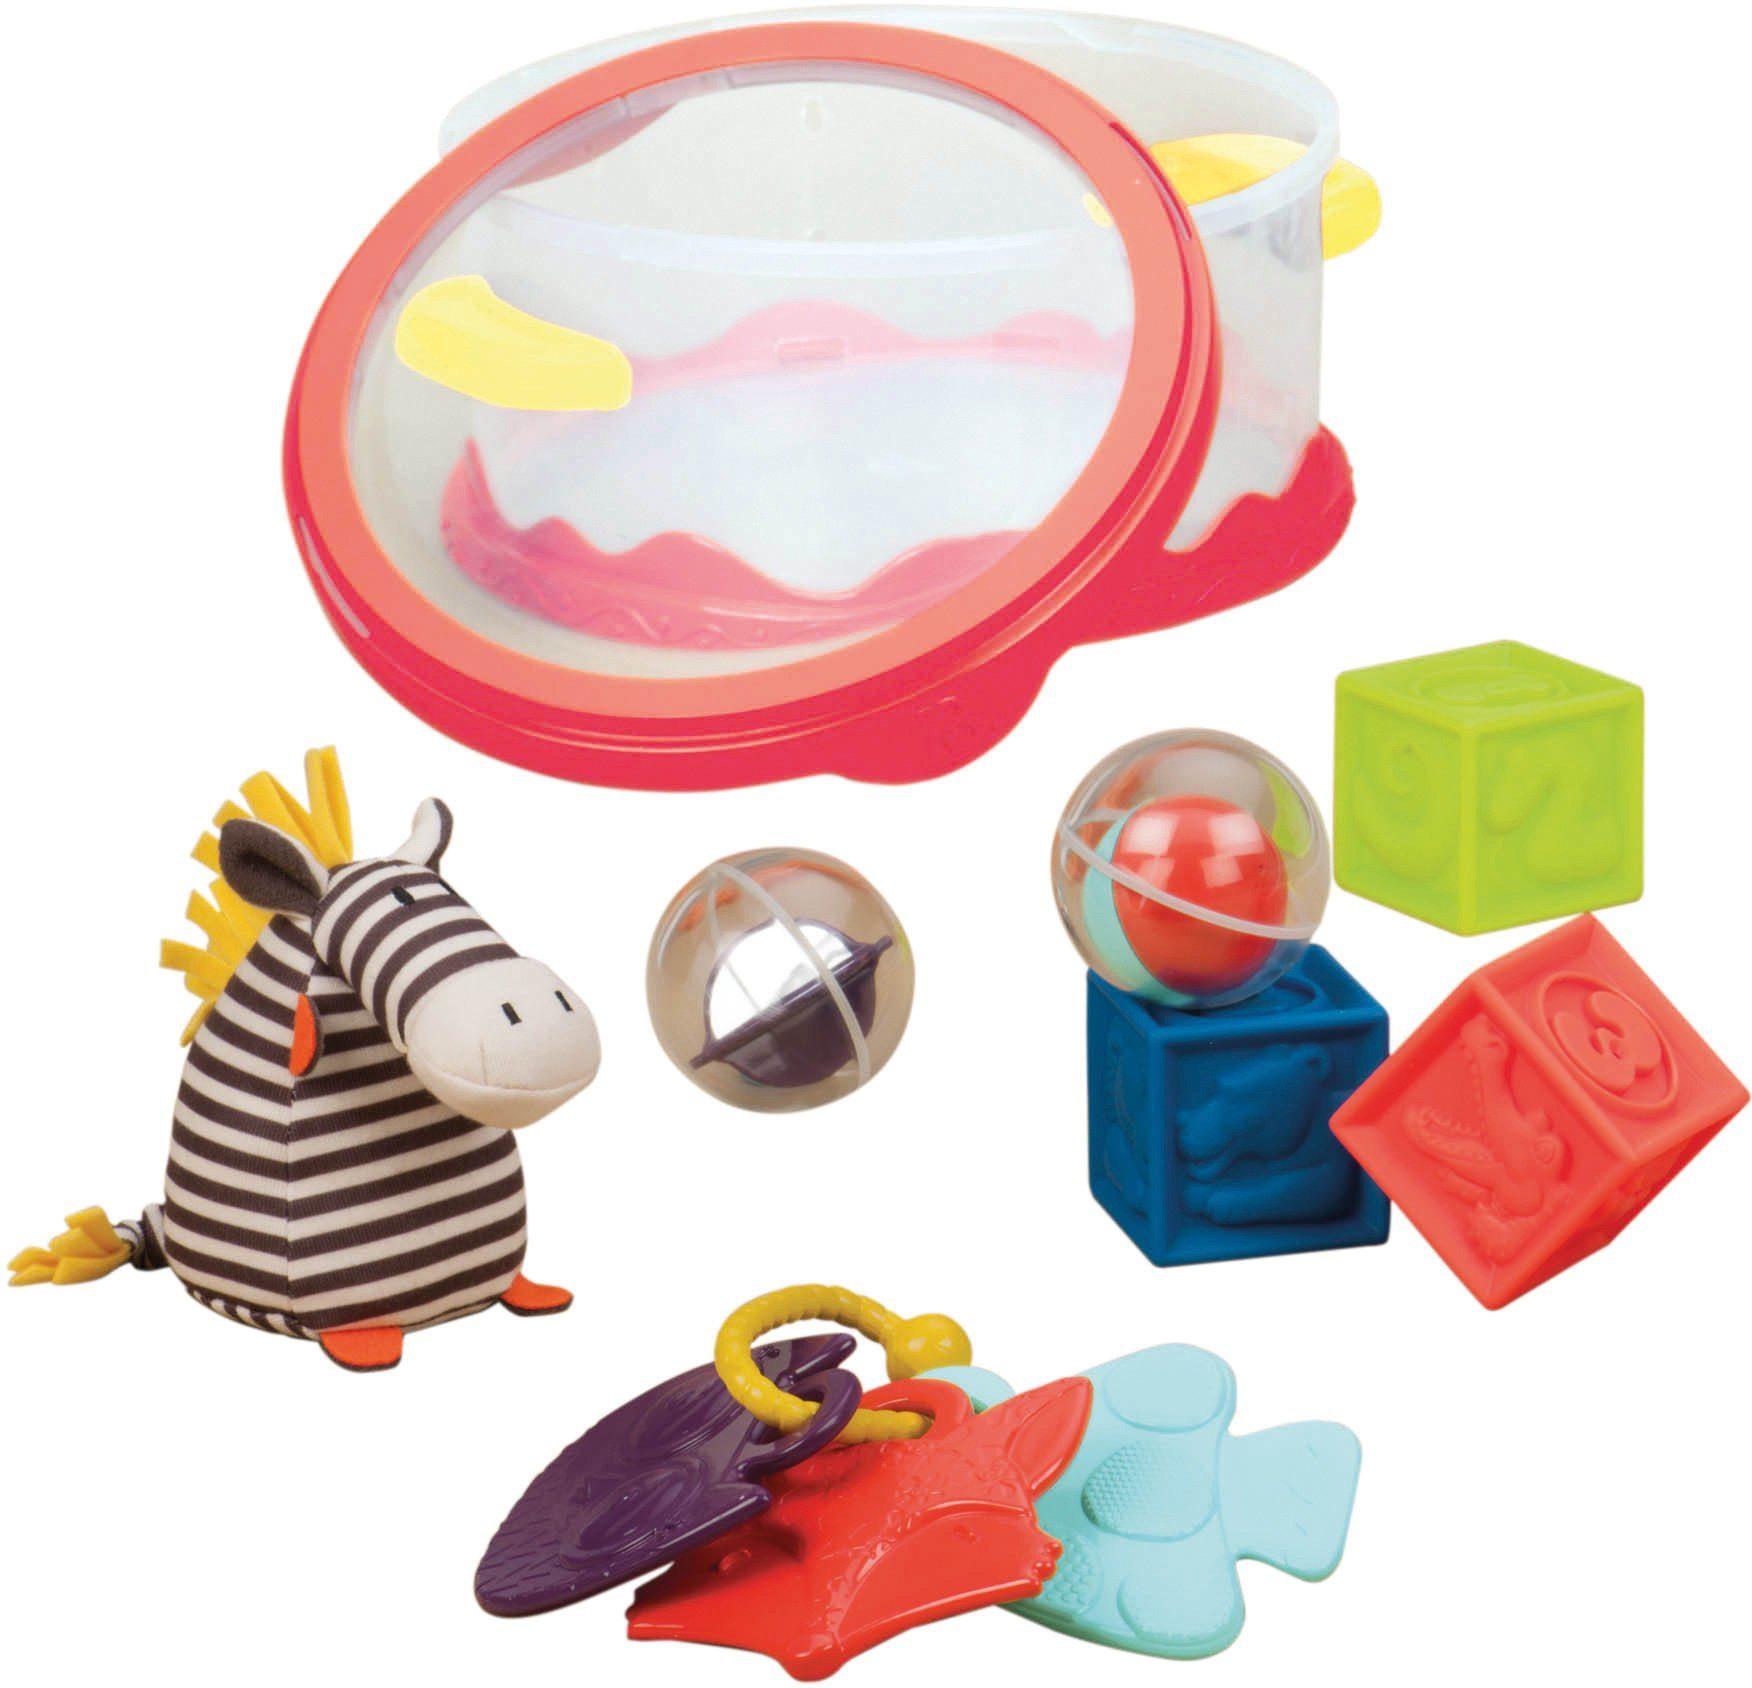 B.toy Babyspielzeugset Greiflinge, »Playtime Set«